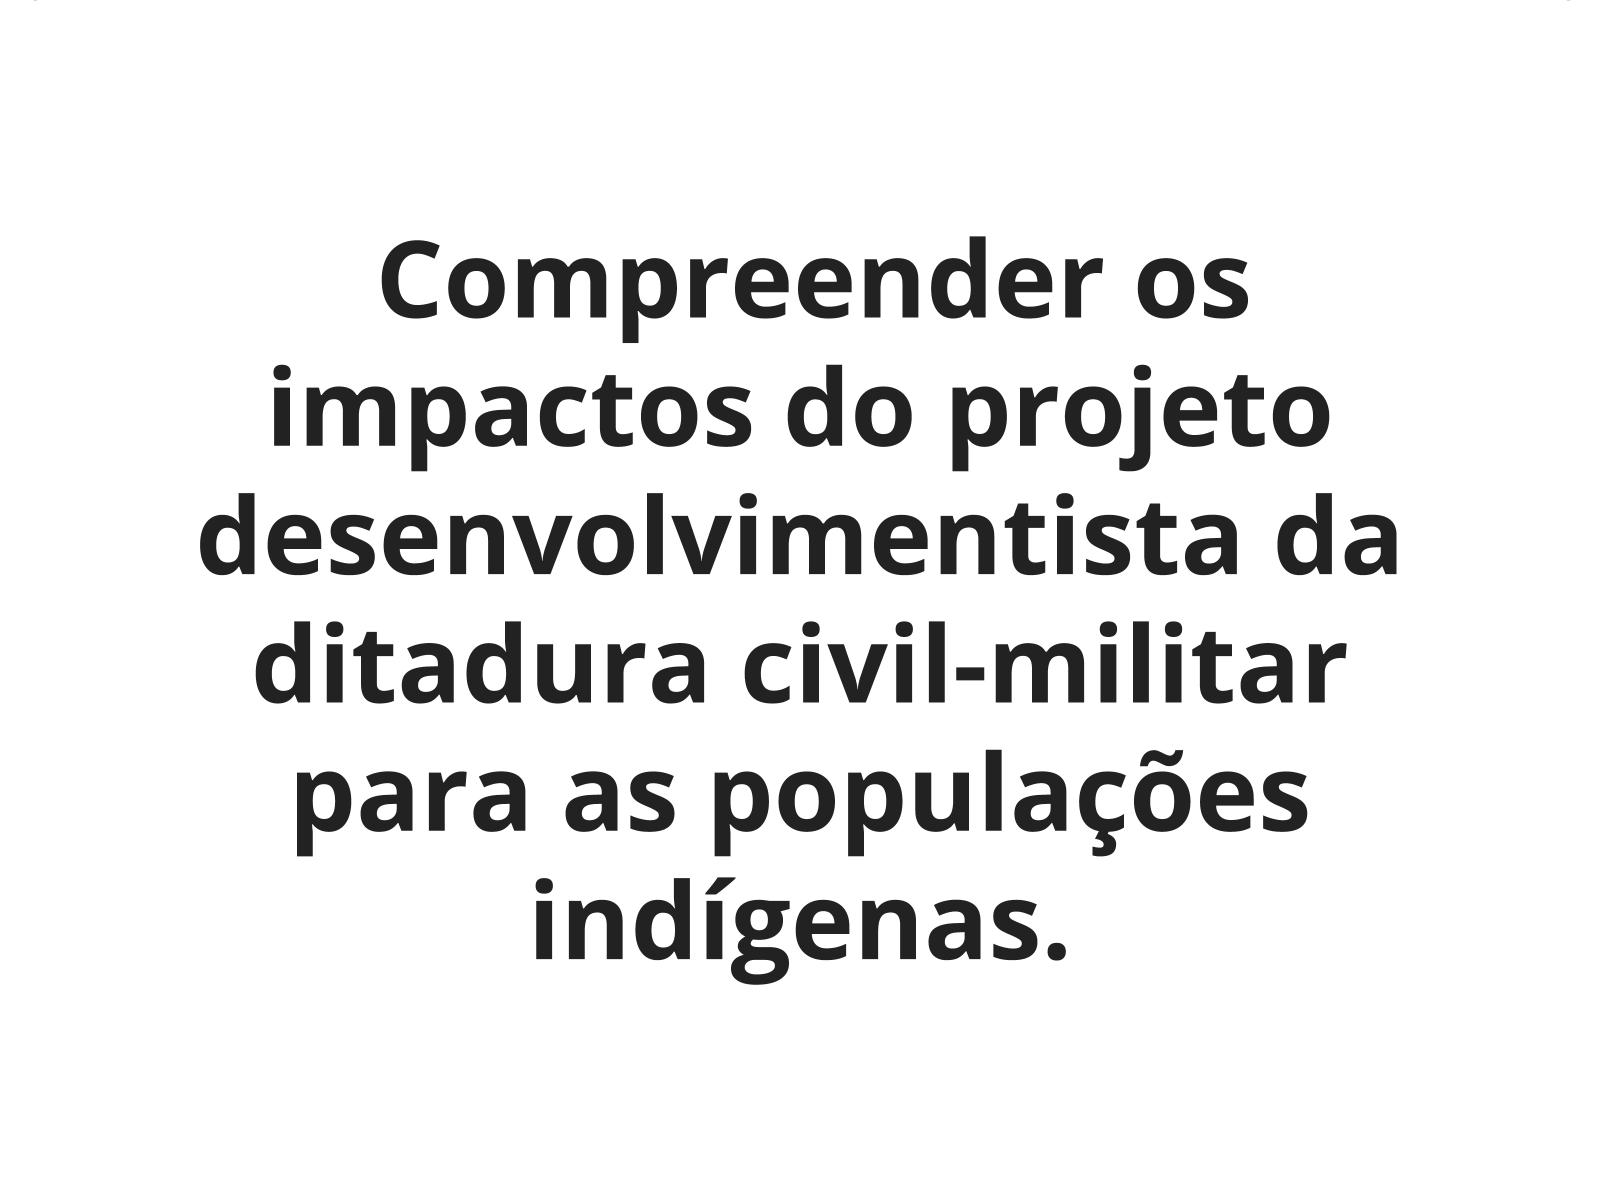 Ditadura Civil-Militar e as populações indígenas